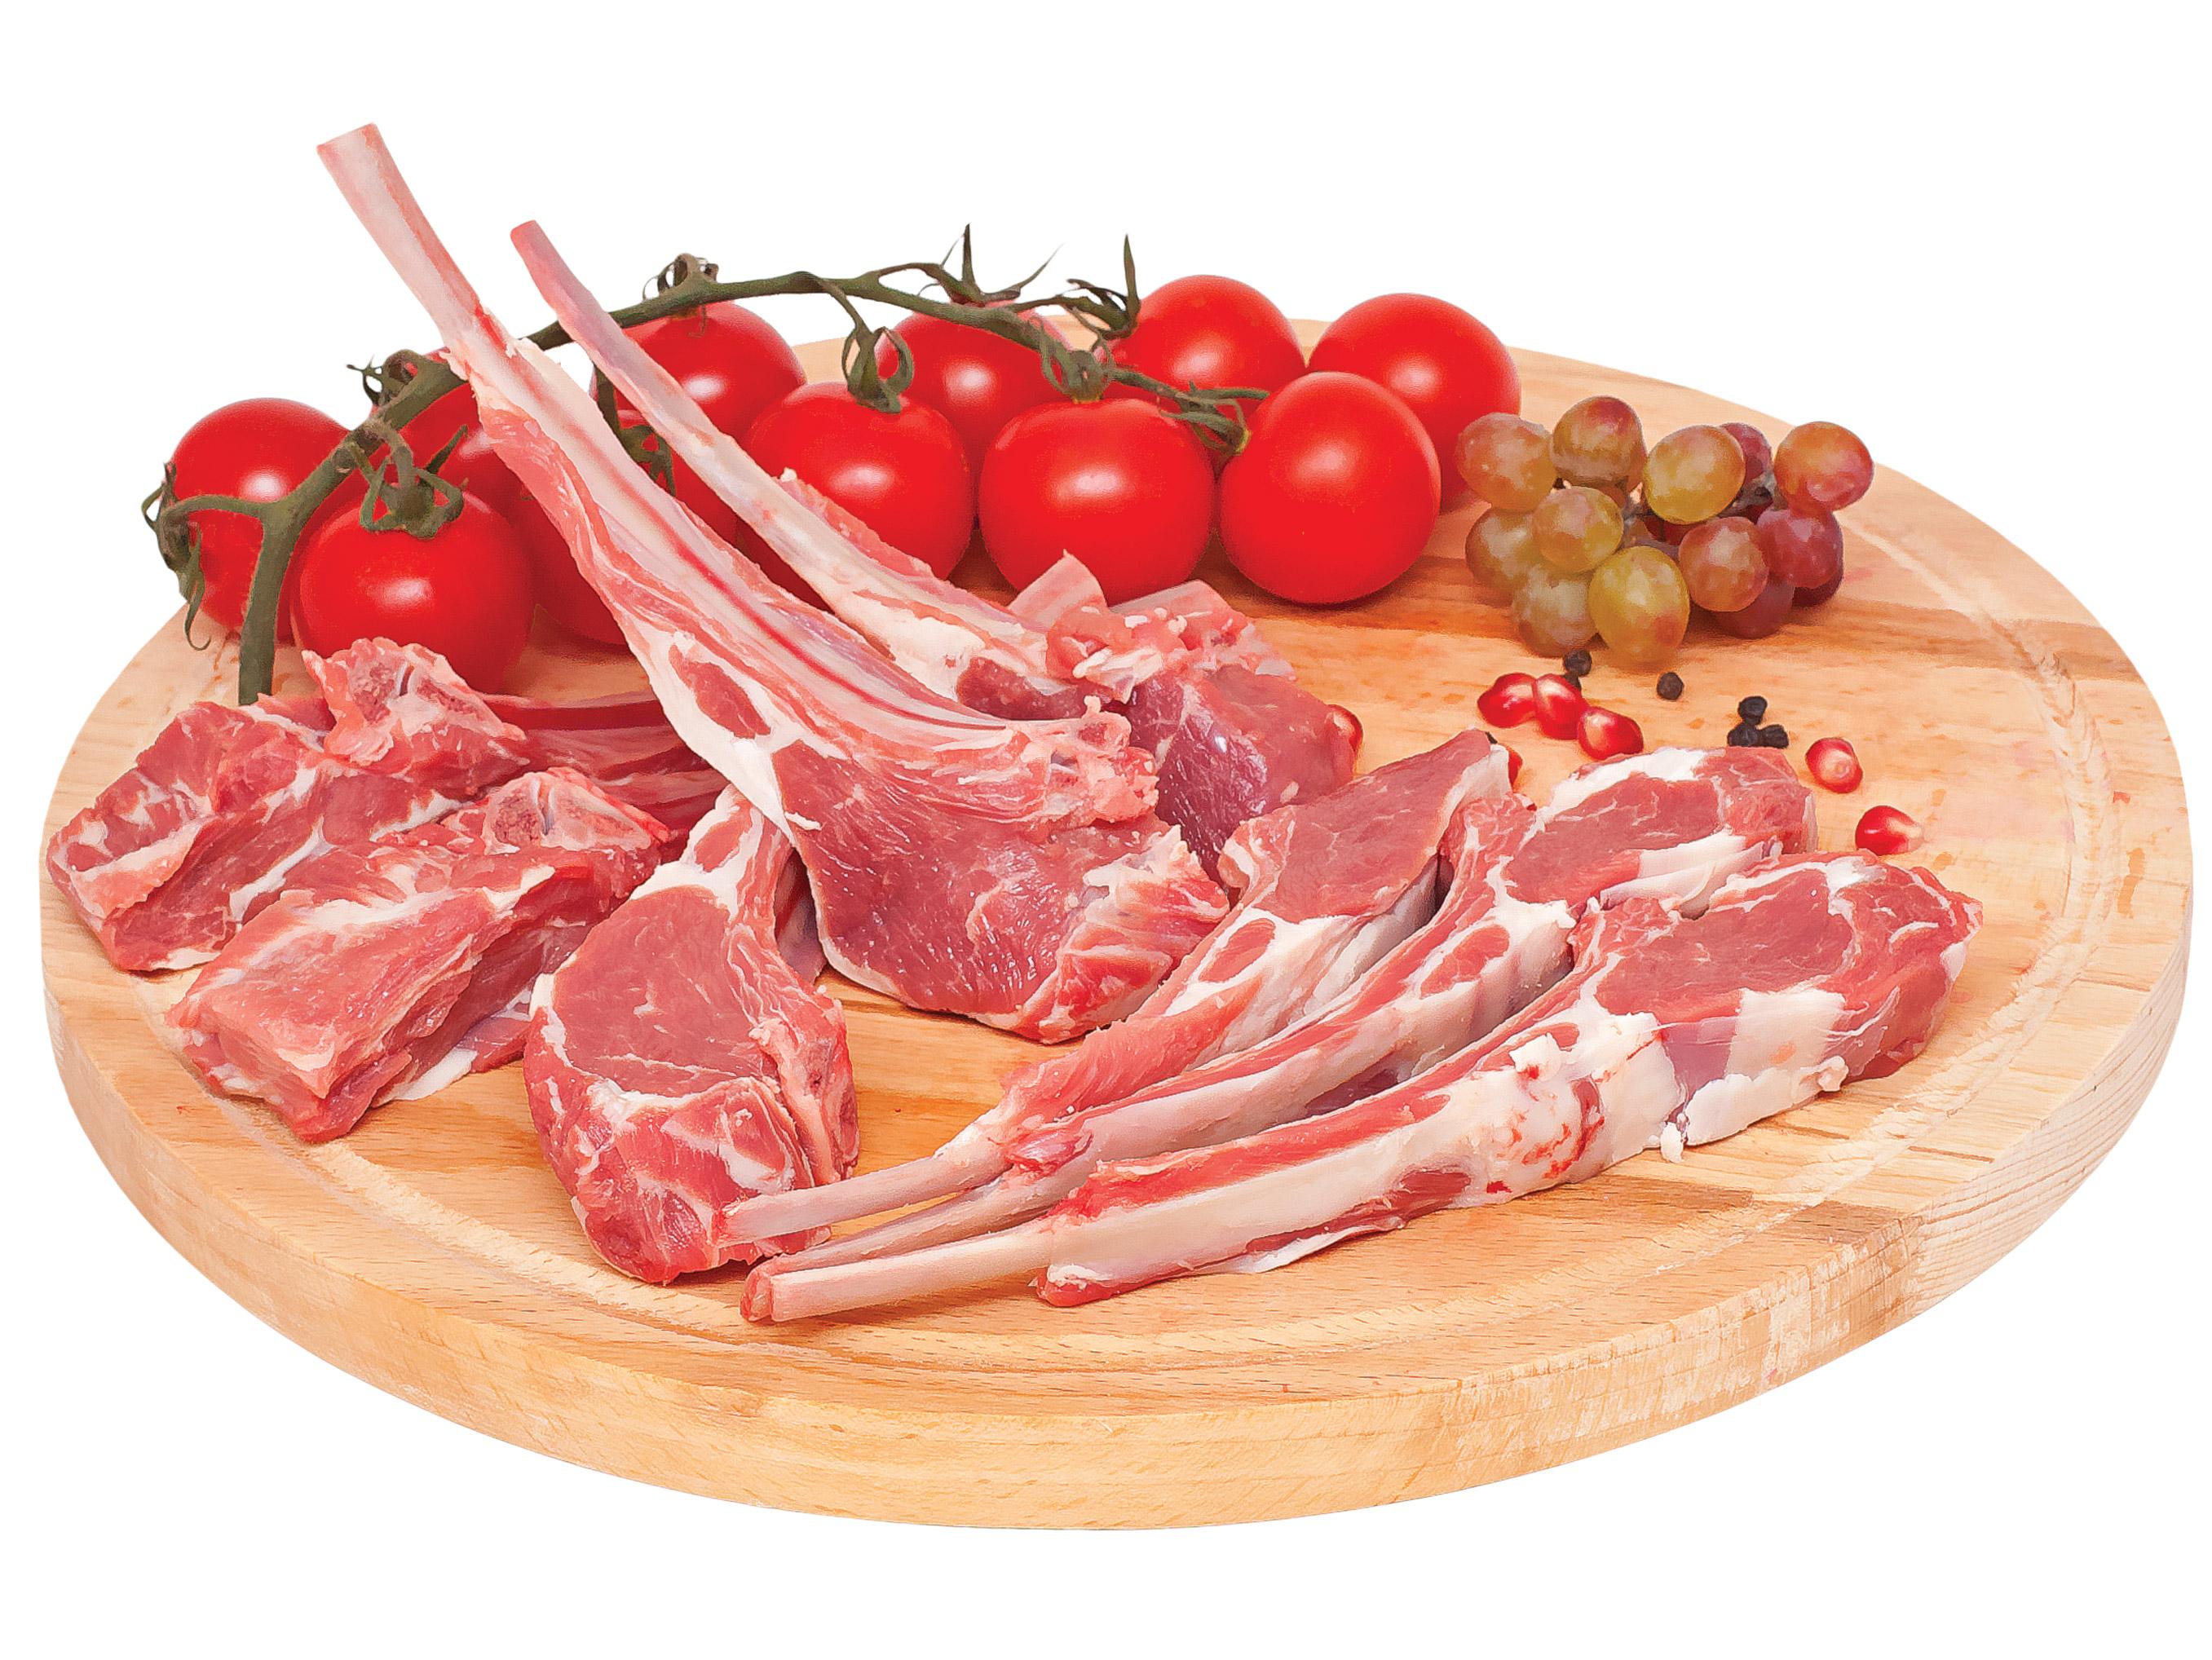 Как сделать мясо более нежным